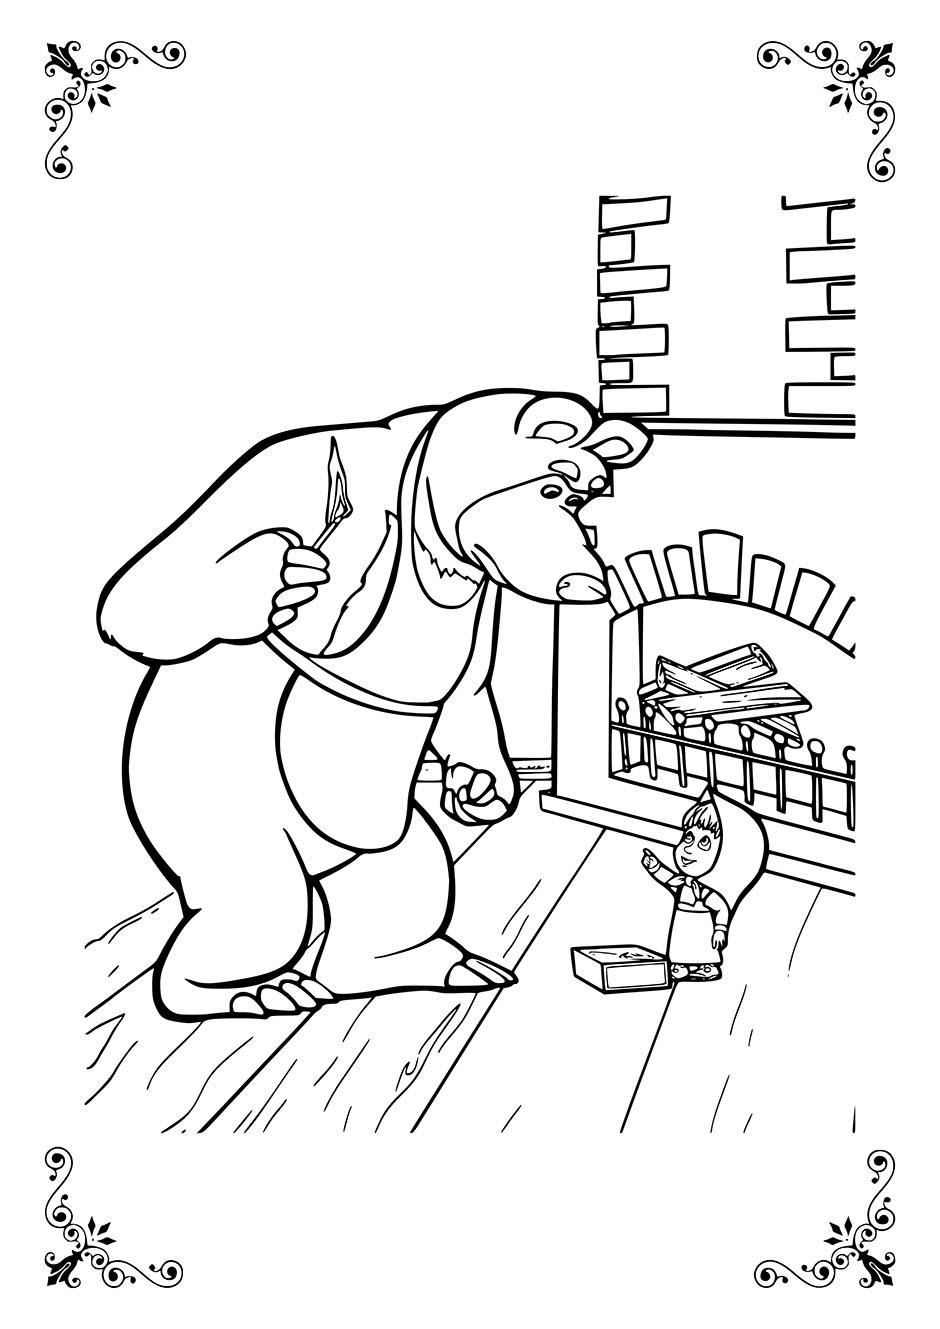 Раскраска: Медведь разжигает камин — raskraski-a4.ru